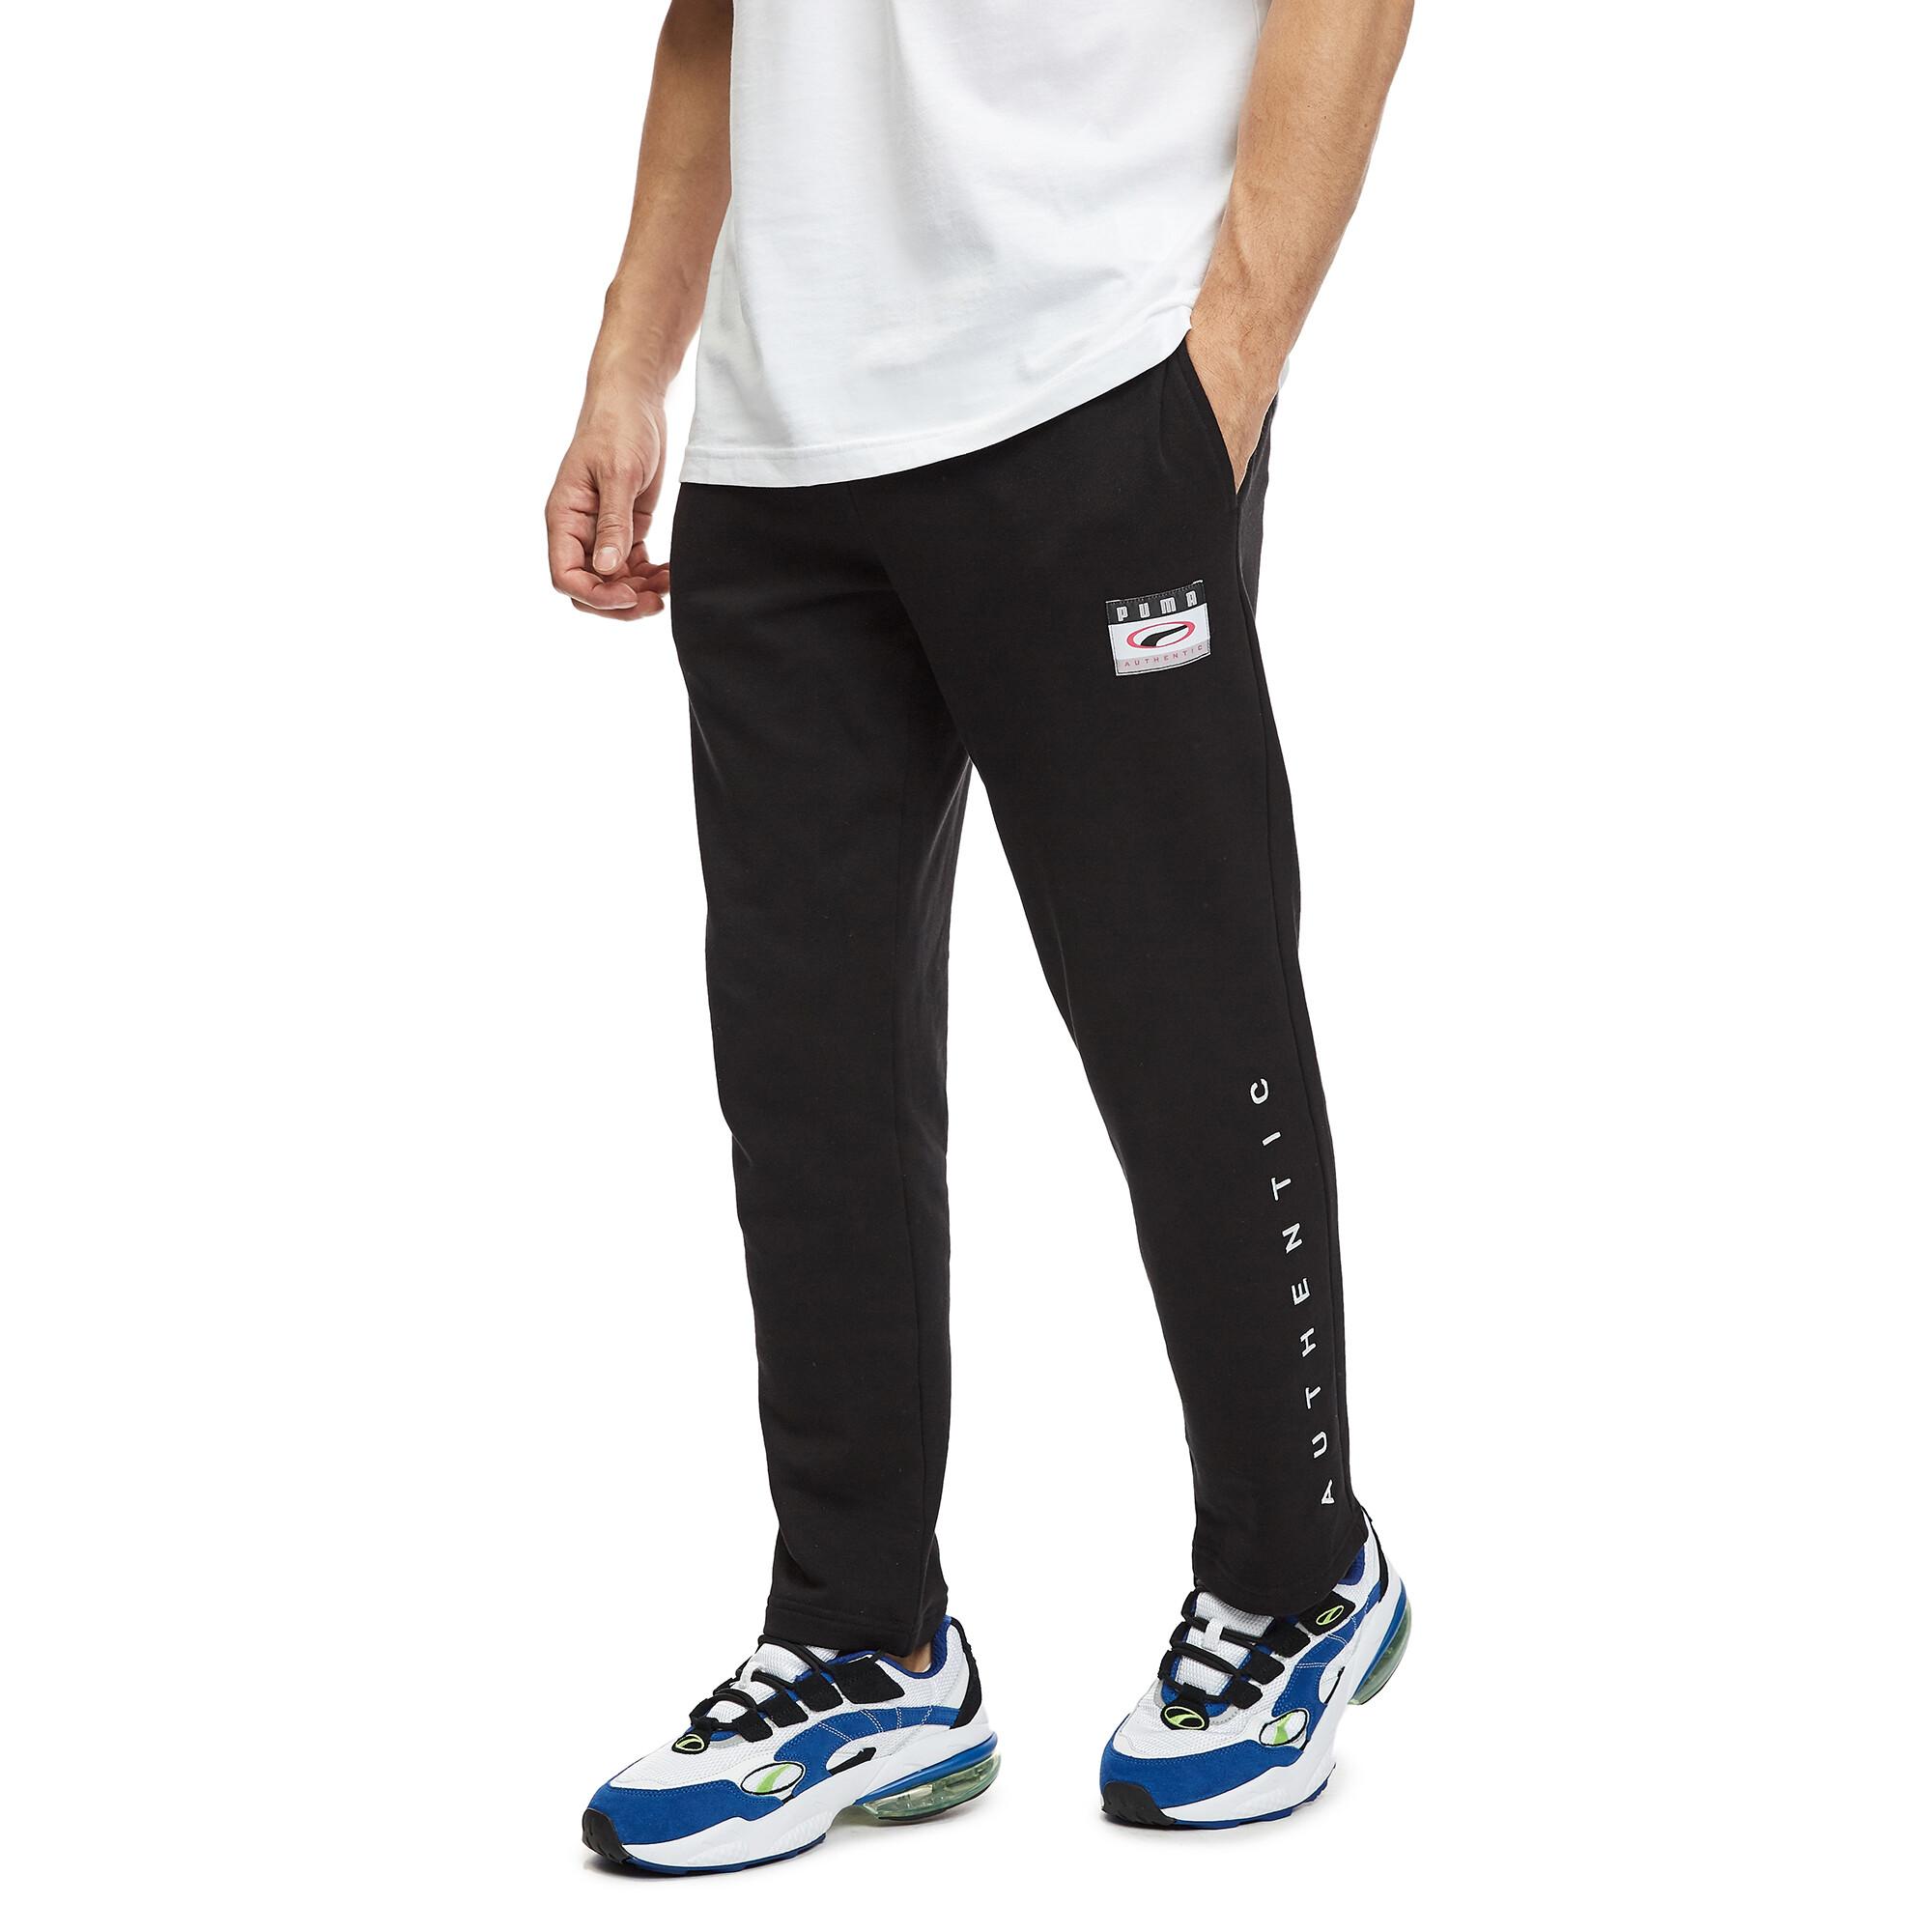 95f346be376 Мужские спортивные штаны и брюки PUMA  утепленные зимние и летние модели